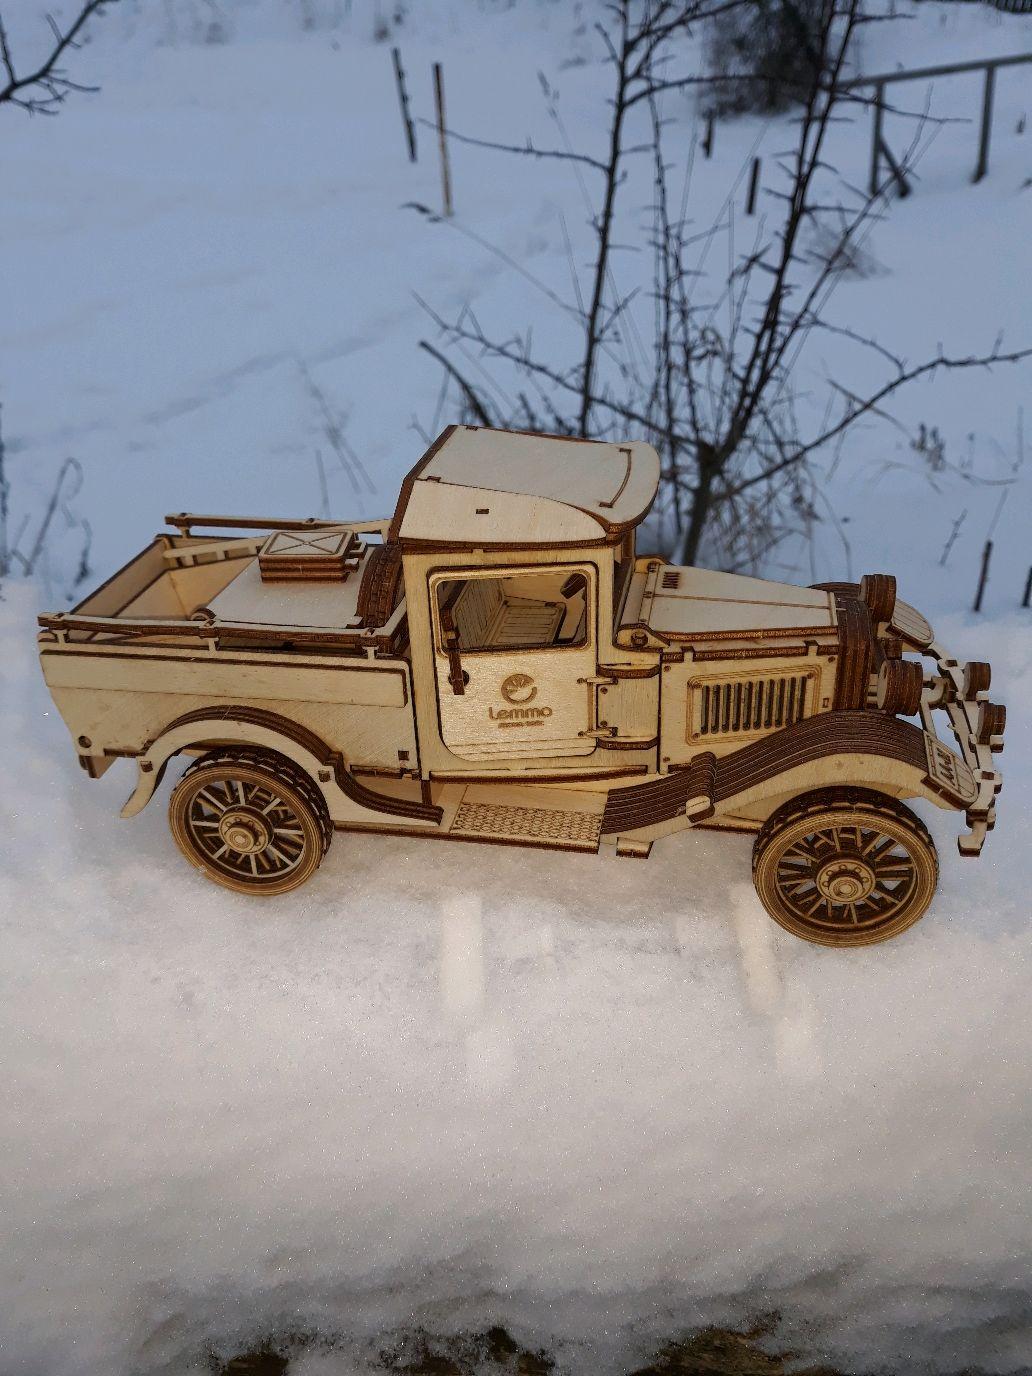 Грузовик ГАЗ-АА. Пикап. Готовая модель, Техника роботы транспорт, Вичуга,  Фото №1